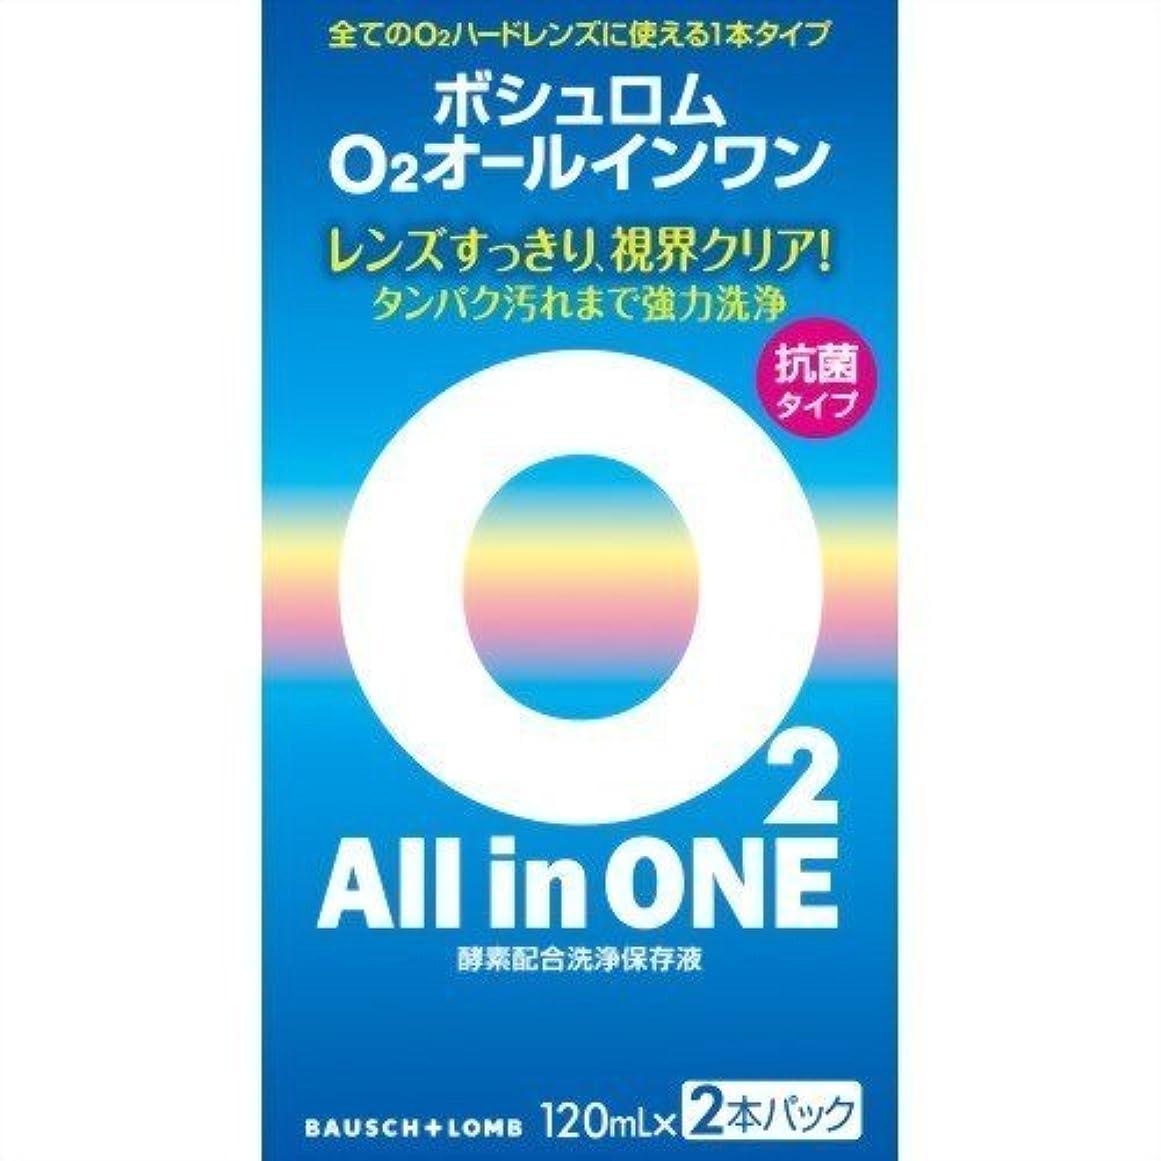 水曜日軍団絵O2オールインワン 2本パック (120ml*2) 3箱セット